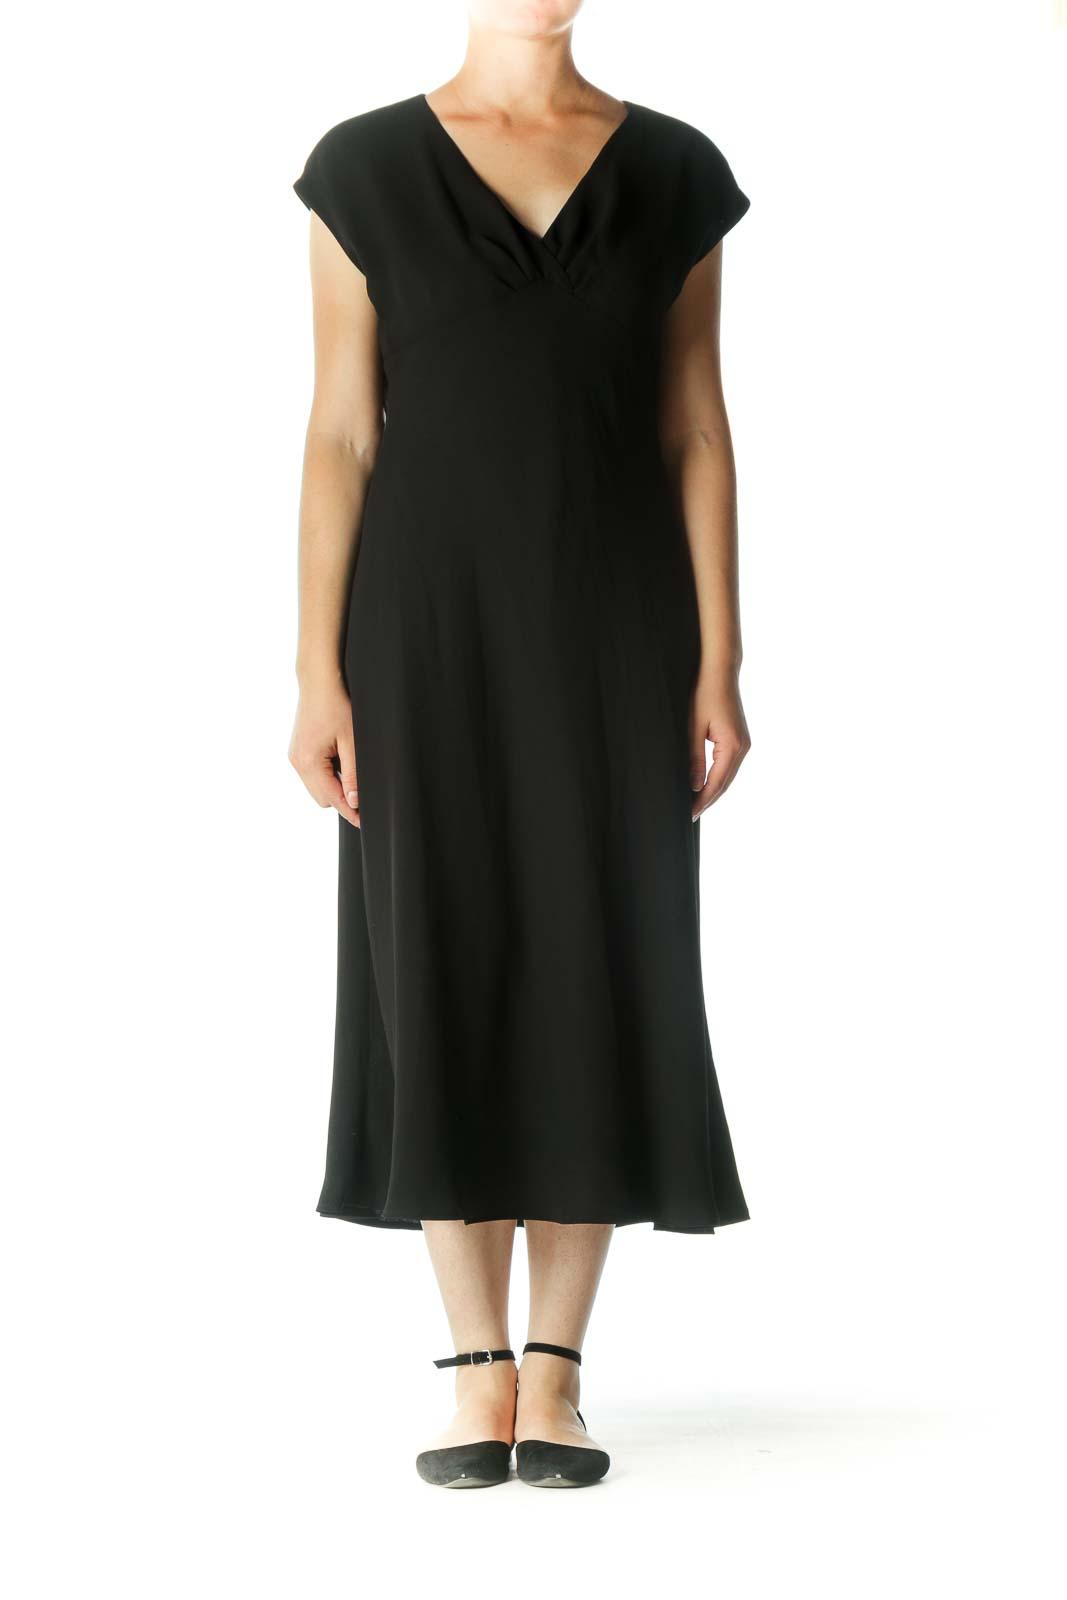 Black V-Neck Cap Sleeves Evening Dress Front